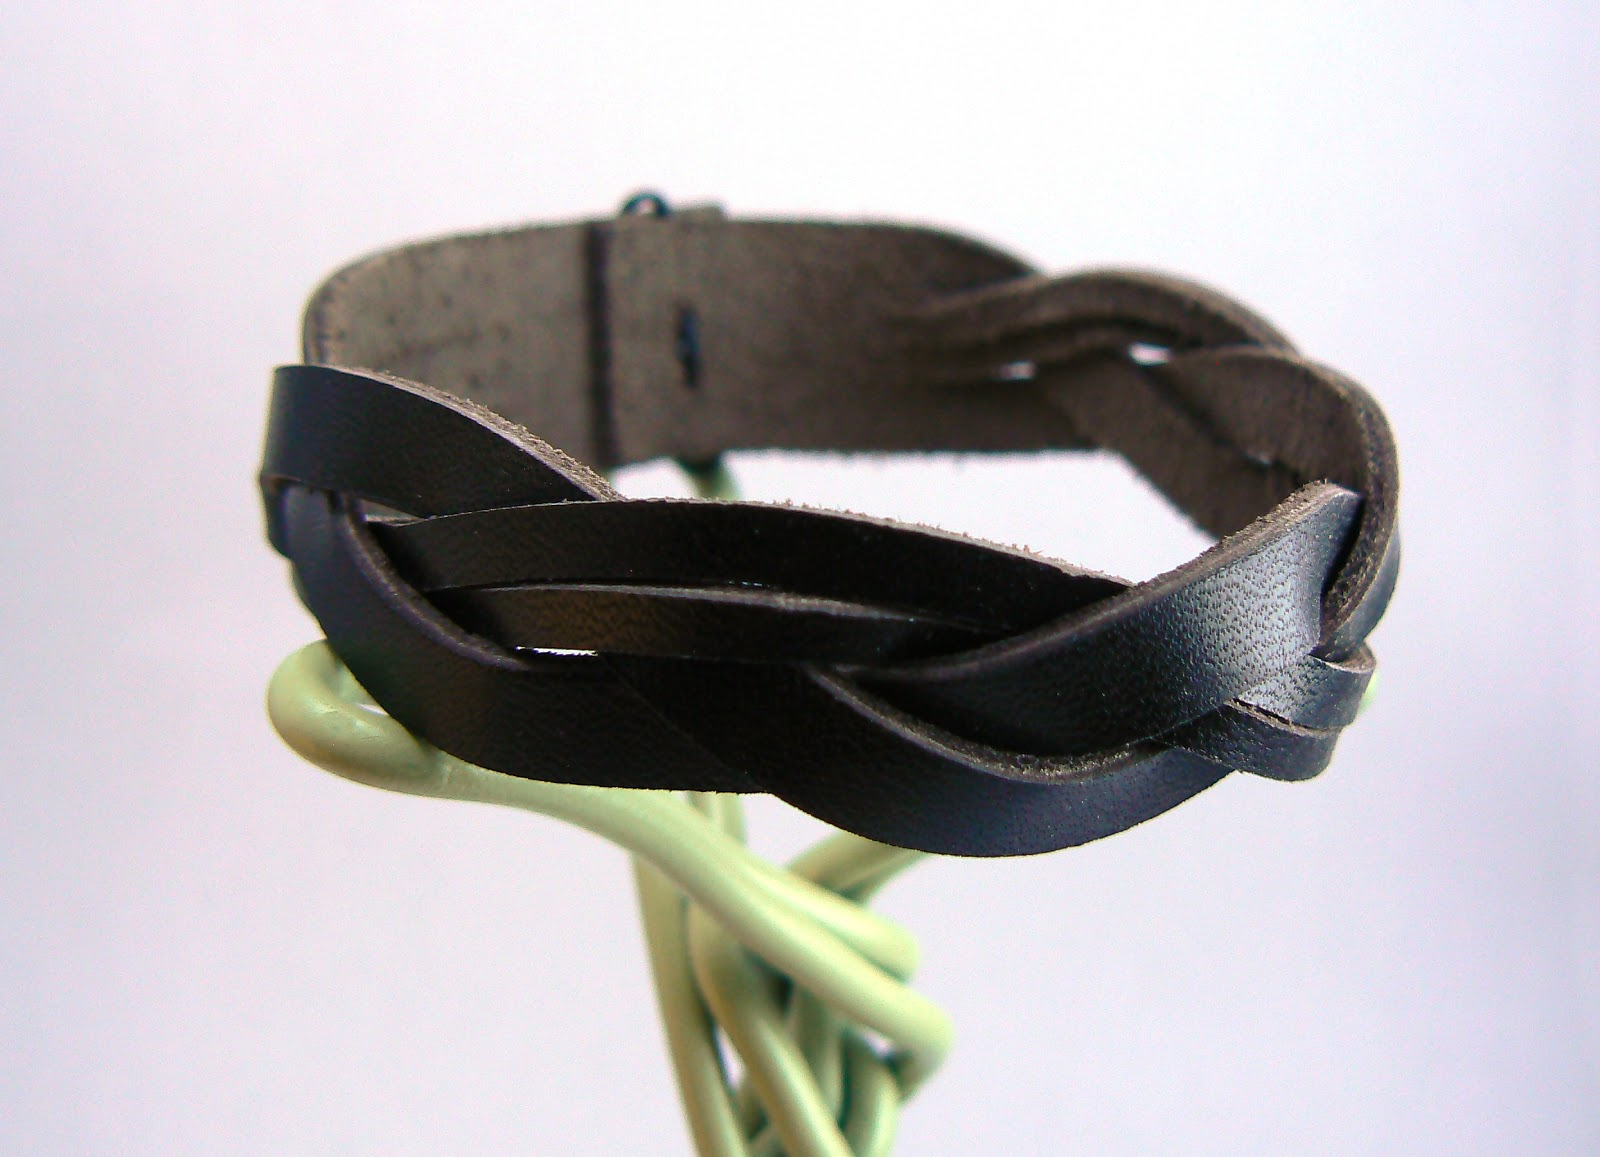 Vue précise du bracelet en cuir tressé dissymétrique